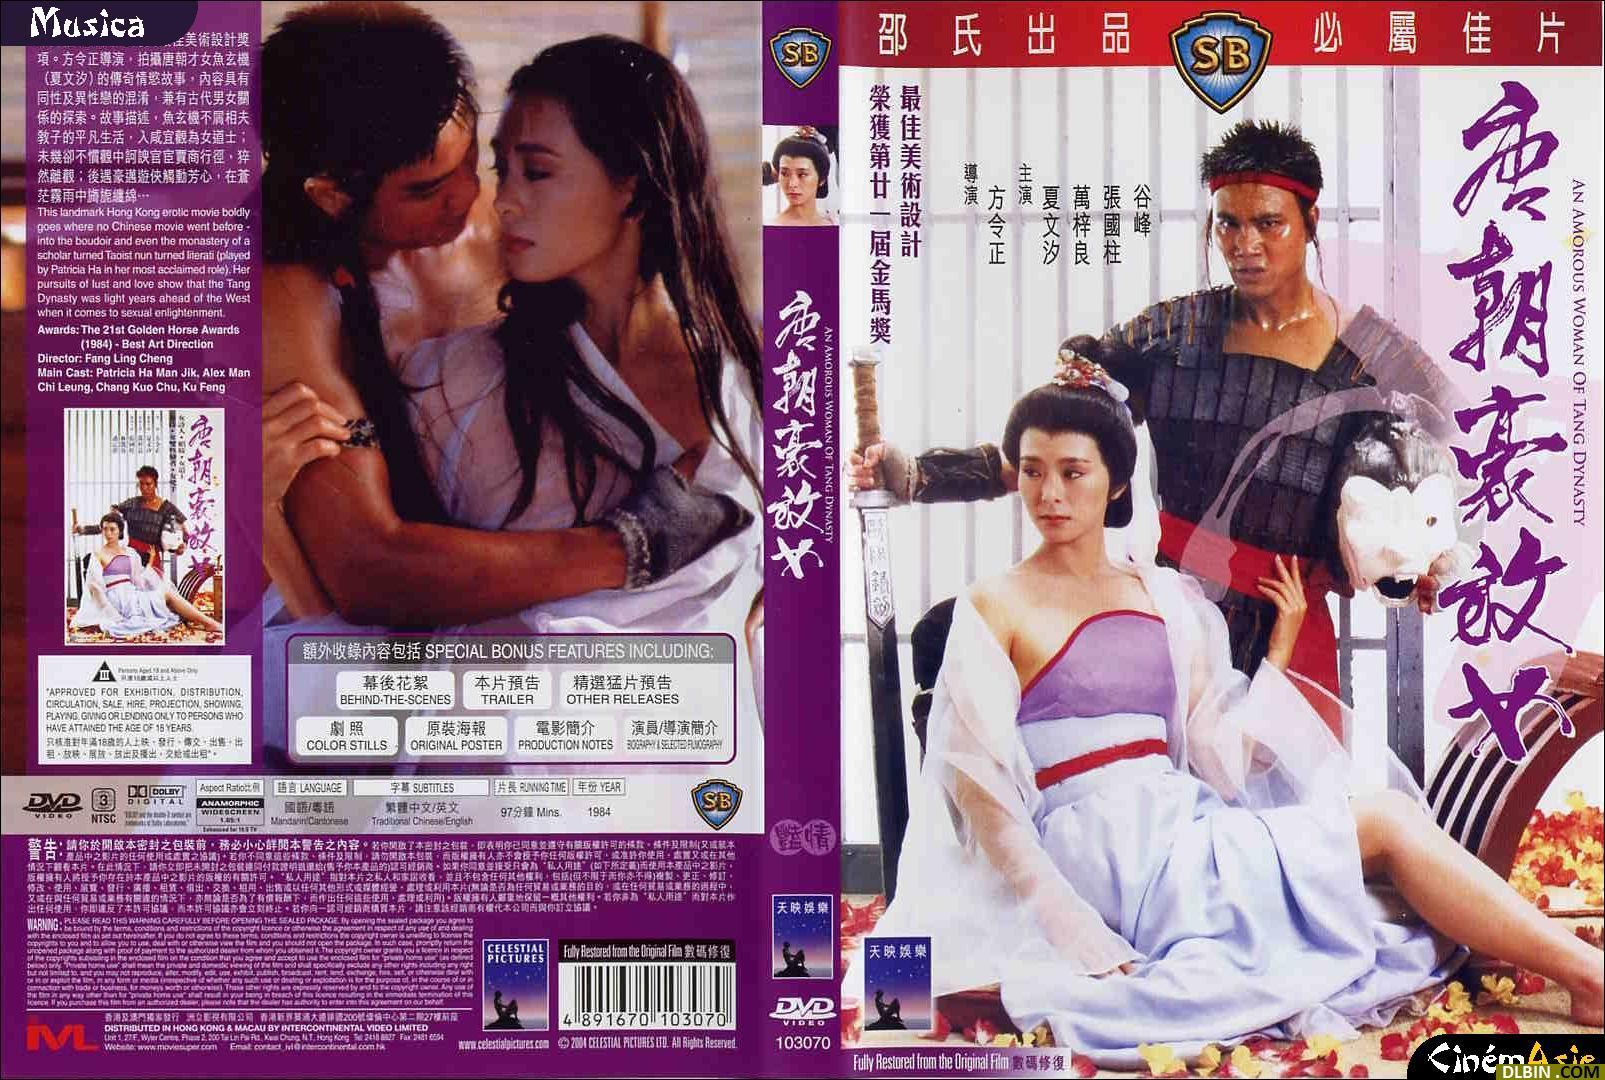 phim cấp ba - An Amorous Woman of Tang Dynasty - Đại Đường Mỹ Nữ (1984) DVD9 phim cấp ba 10 bộ phim cấp ba nóng nhất Hong Kong an amourous woman of tang dynasty 1986 duong trieu hao phong nu crackman